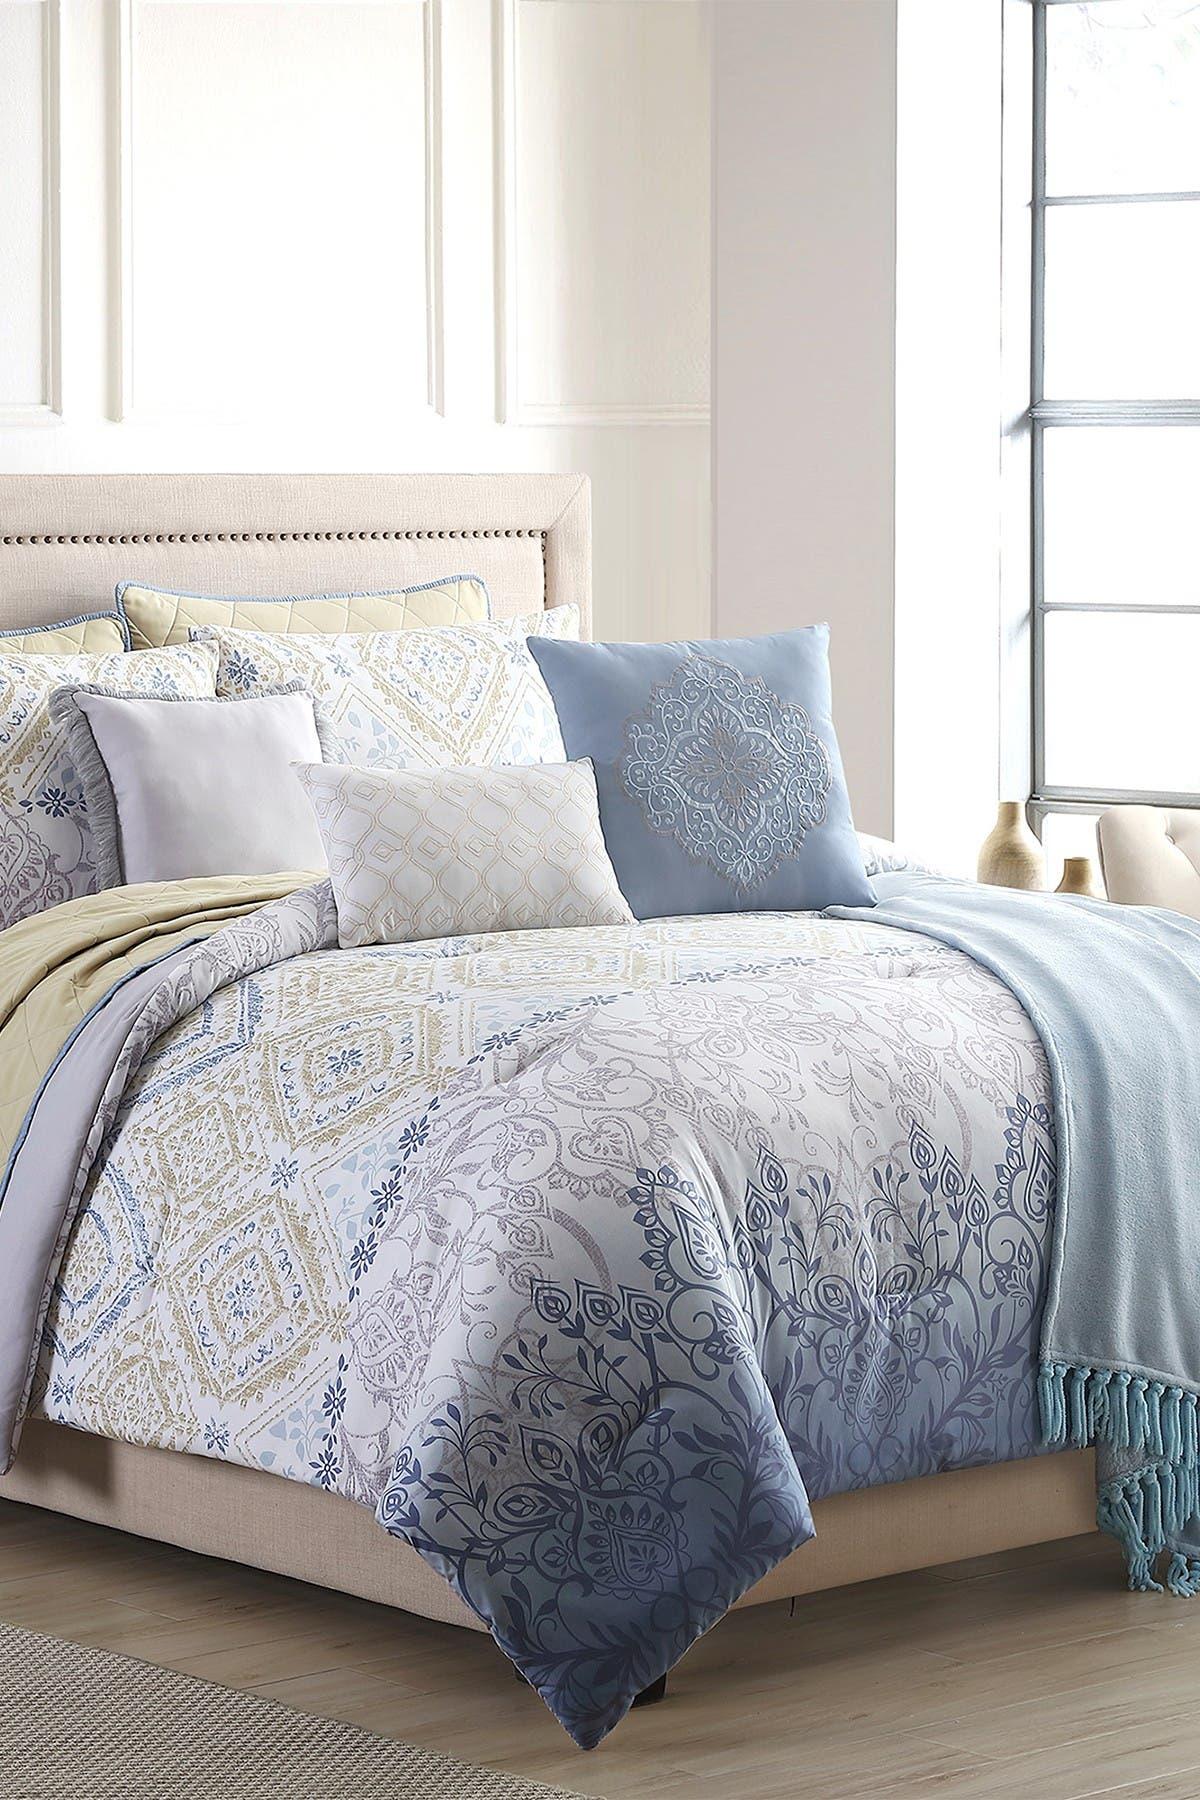 Image of Modern Threads King Dresden Comforter/Coverlet Set - Multi